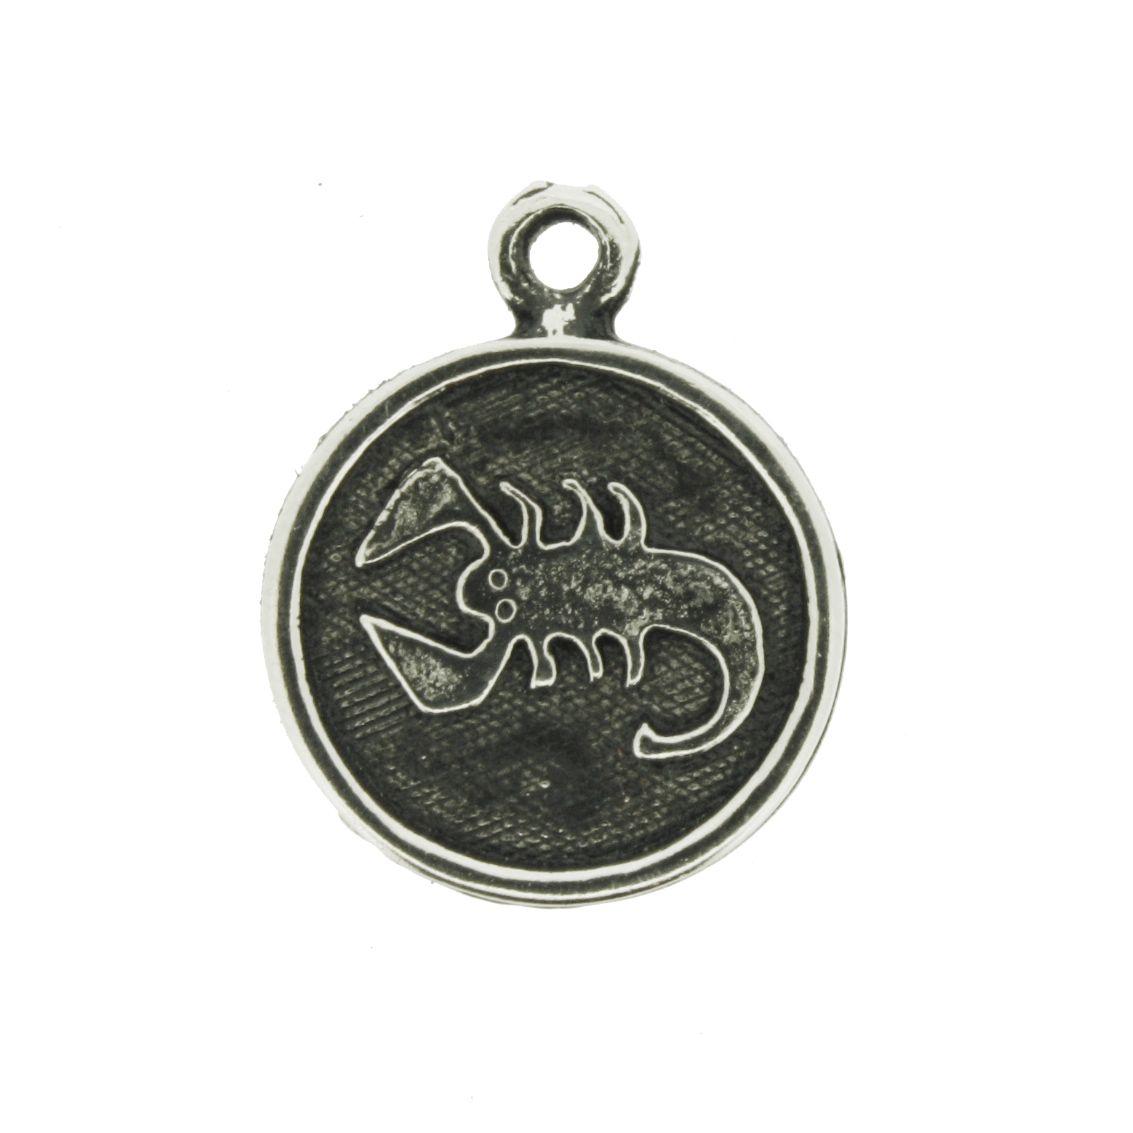 Pingente - Signo Escorpião - 21mm  - Universo Religioso® - Artigos de Umbanda e Candomblé